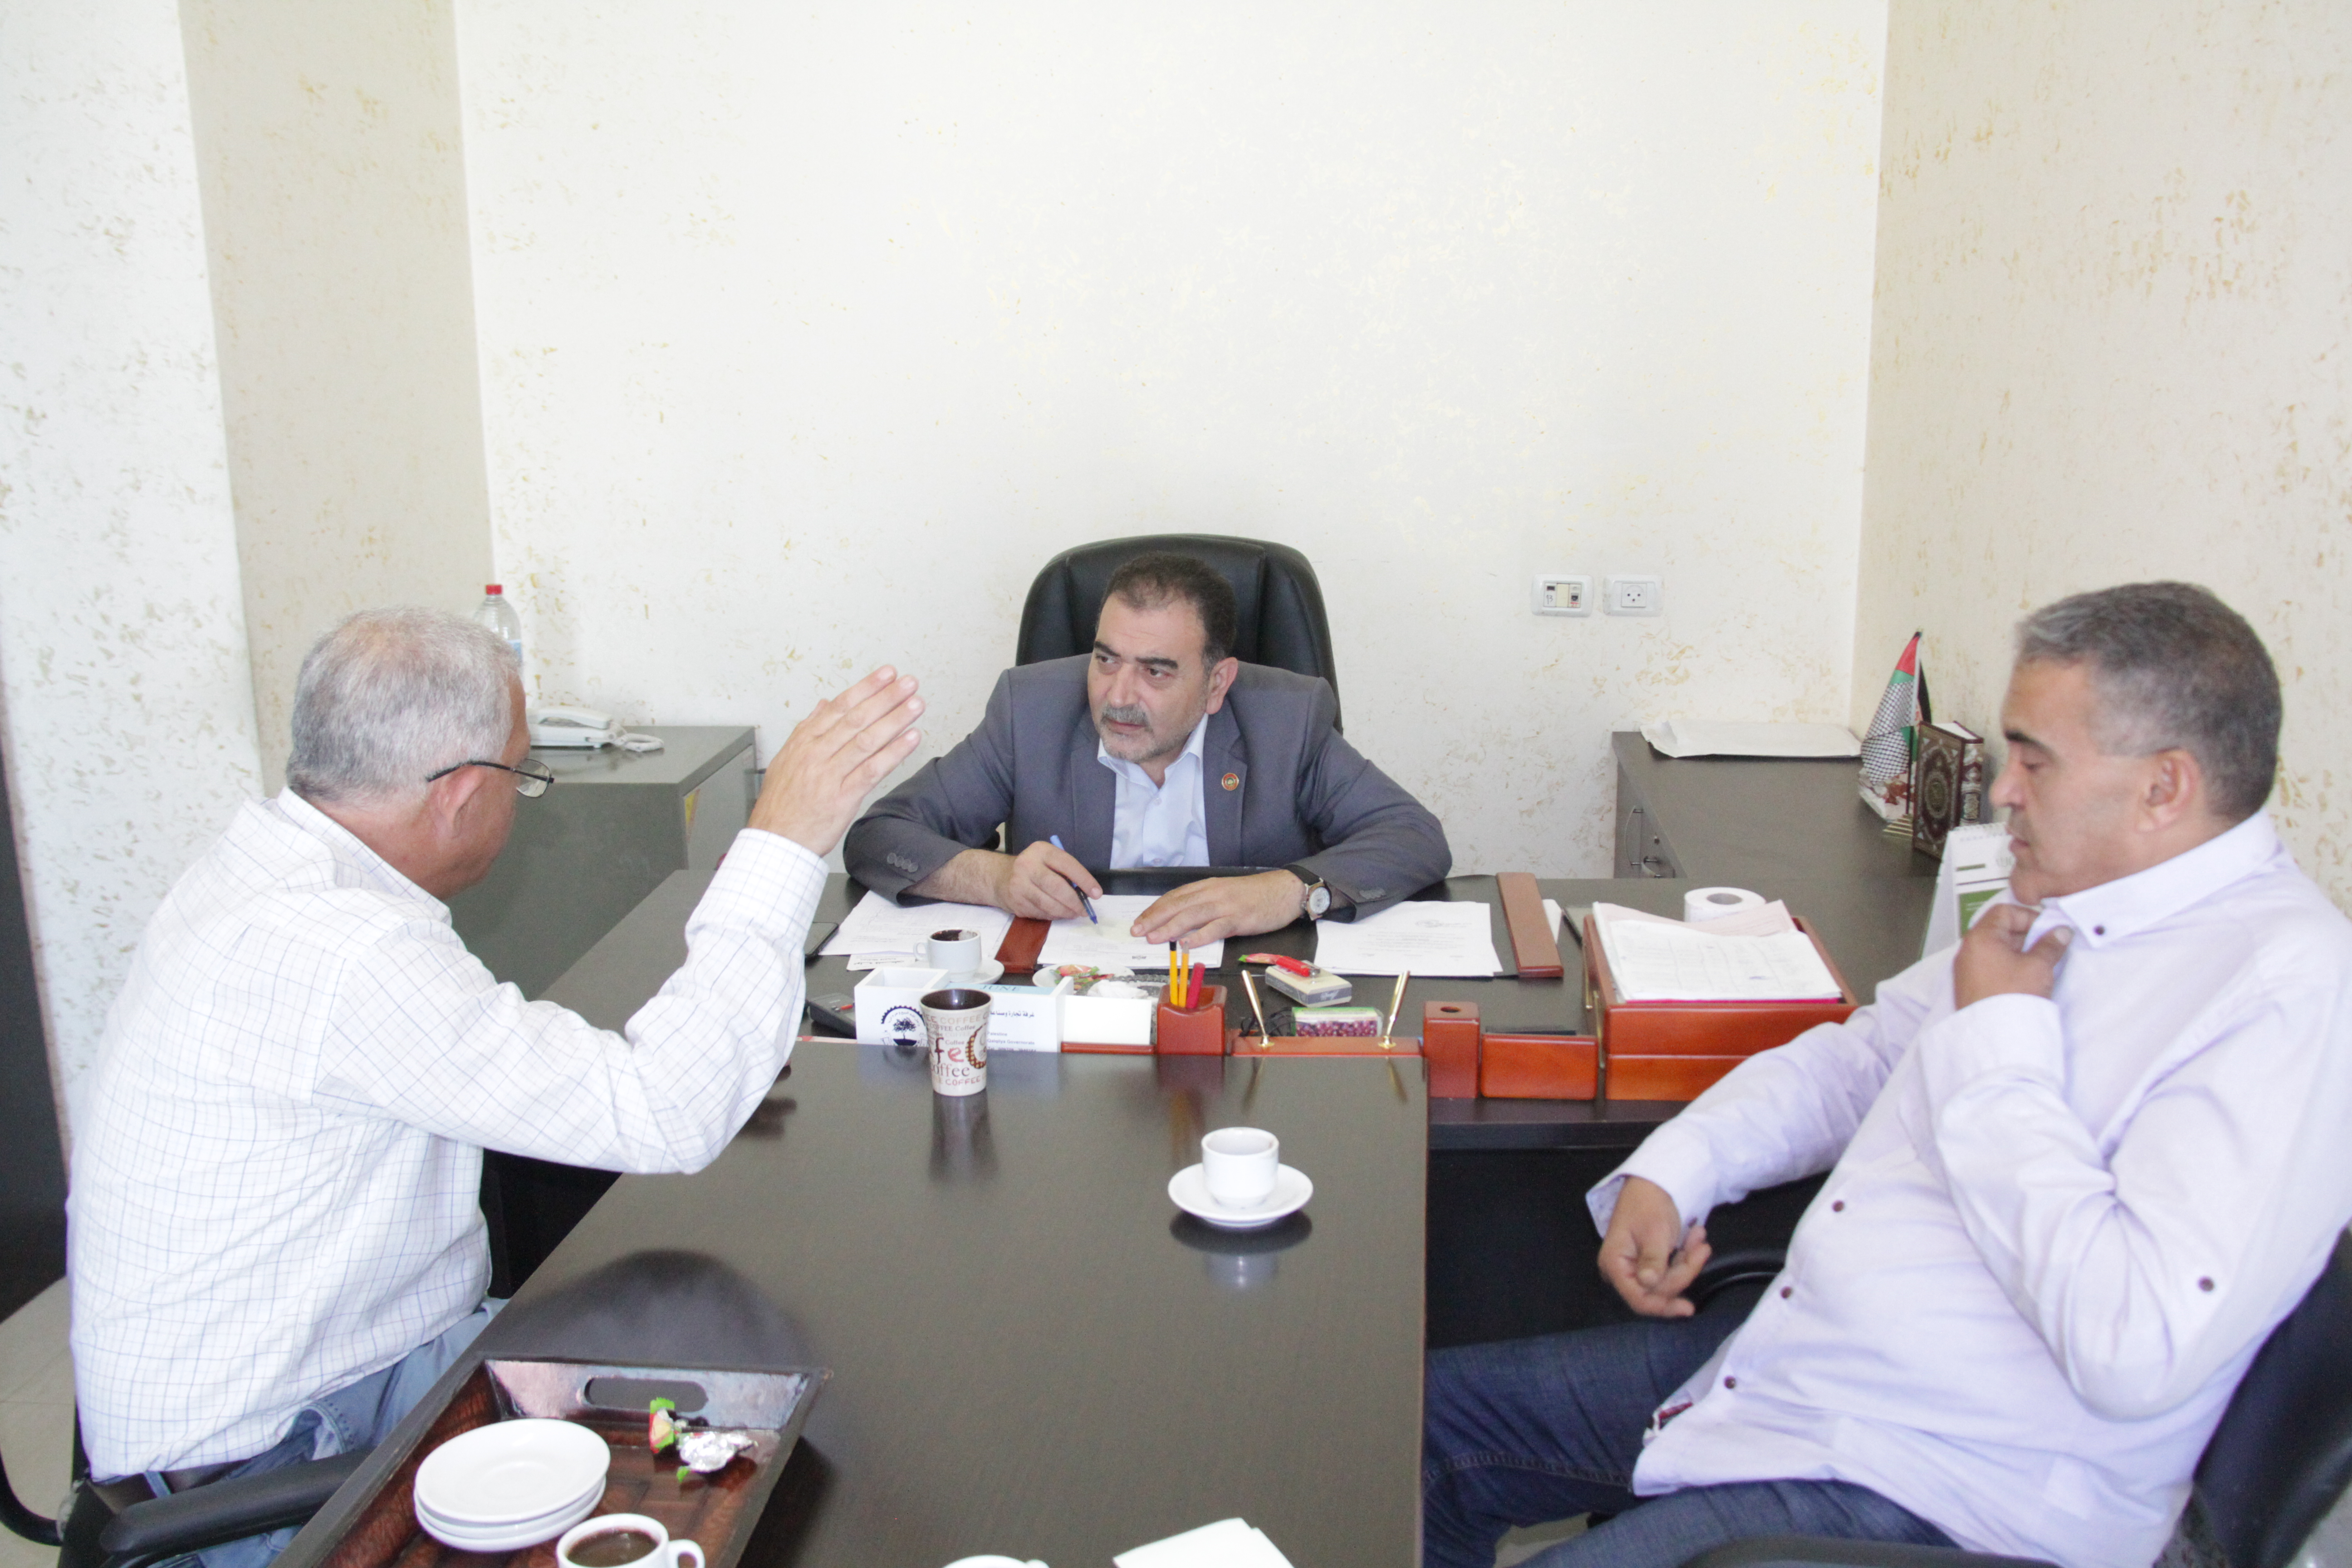 رئيس البلدية يزور دائرة ضريبة املاك قلقيلية